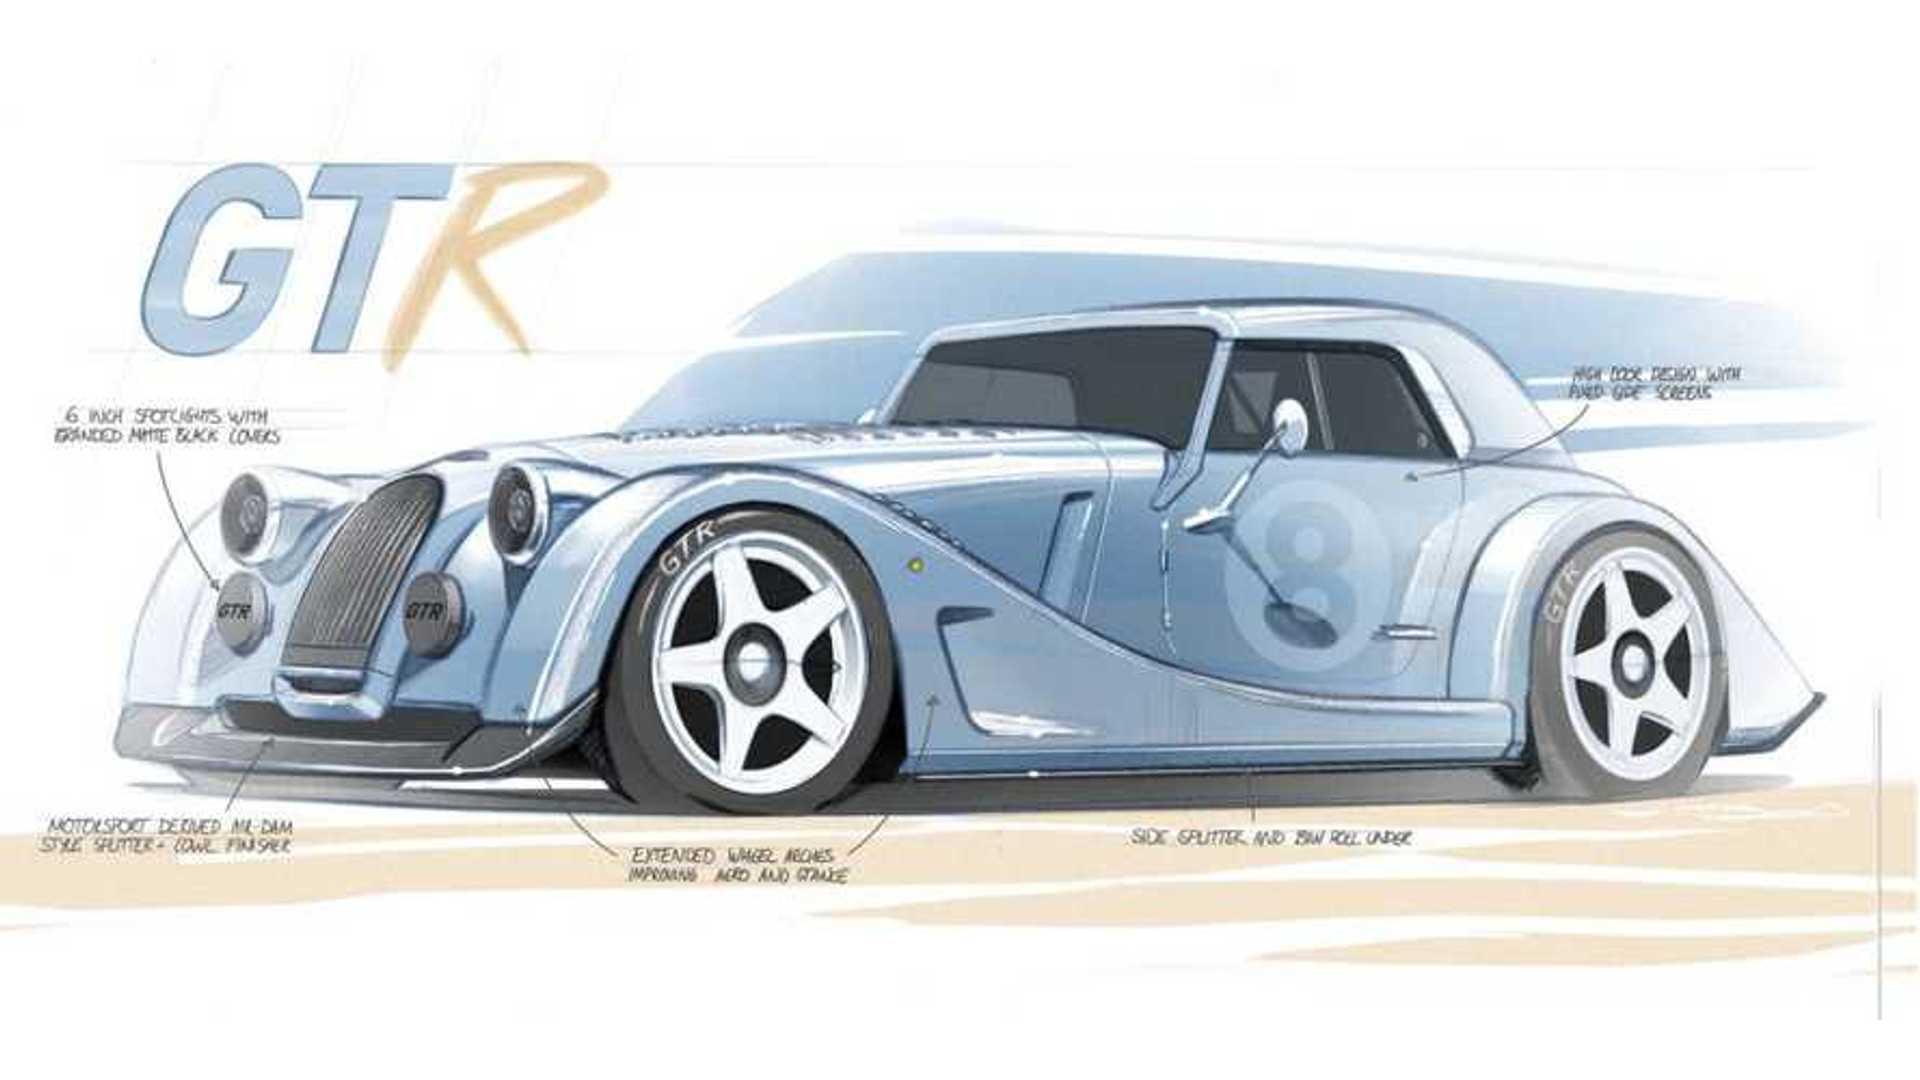 Morgan Plus 8 GTR назван возрождением модели V8, вдохновленной гонками